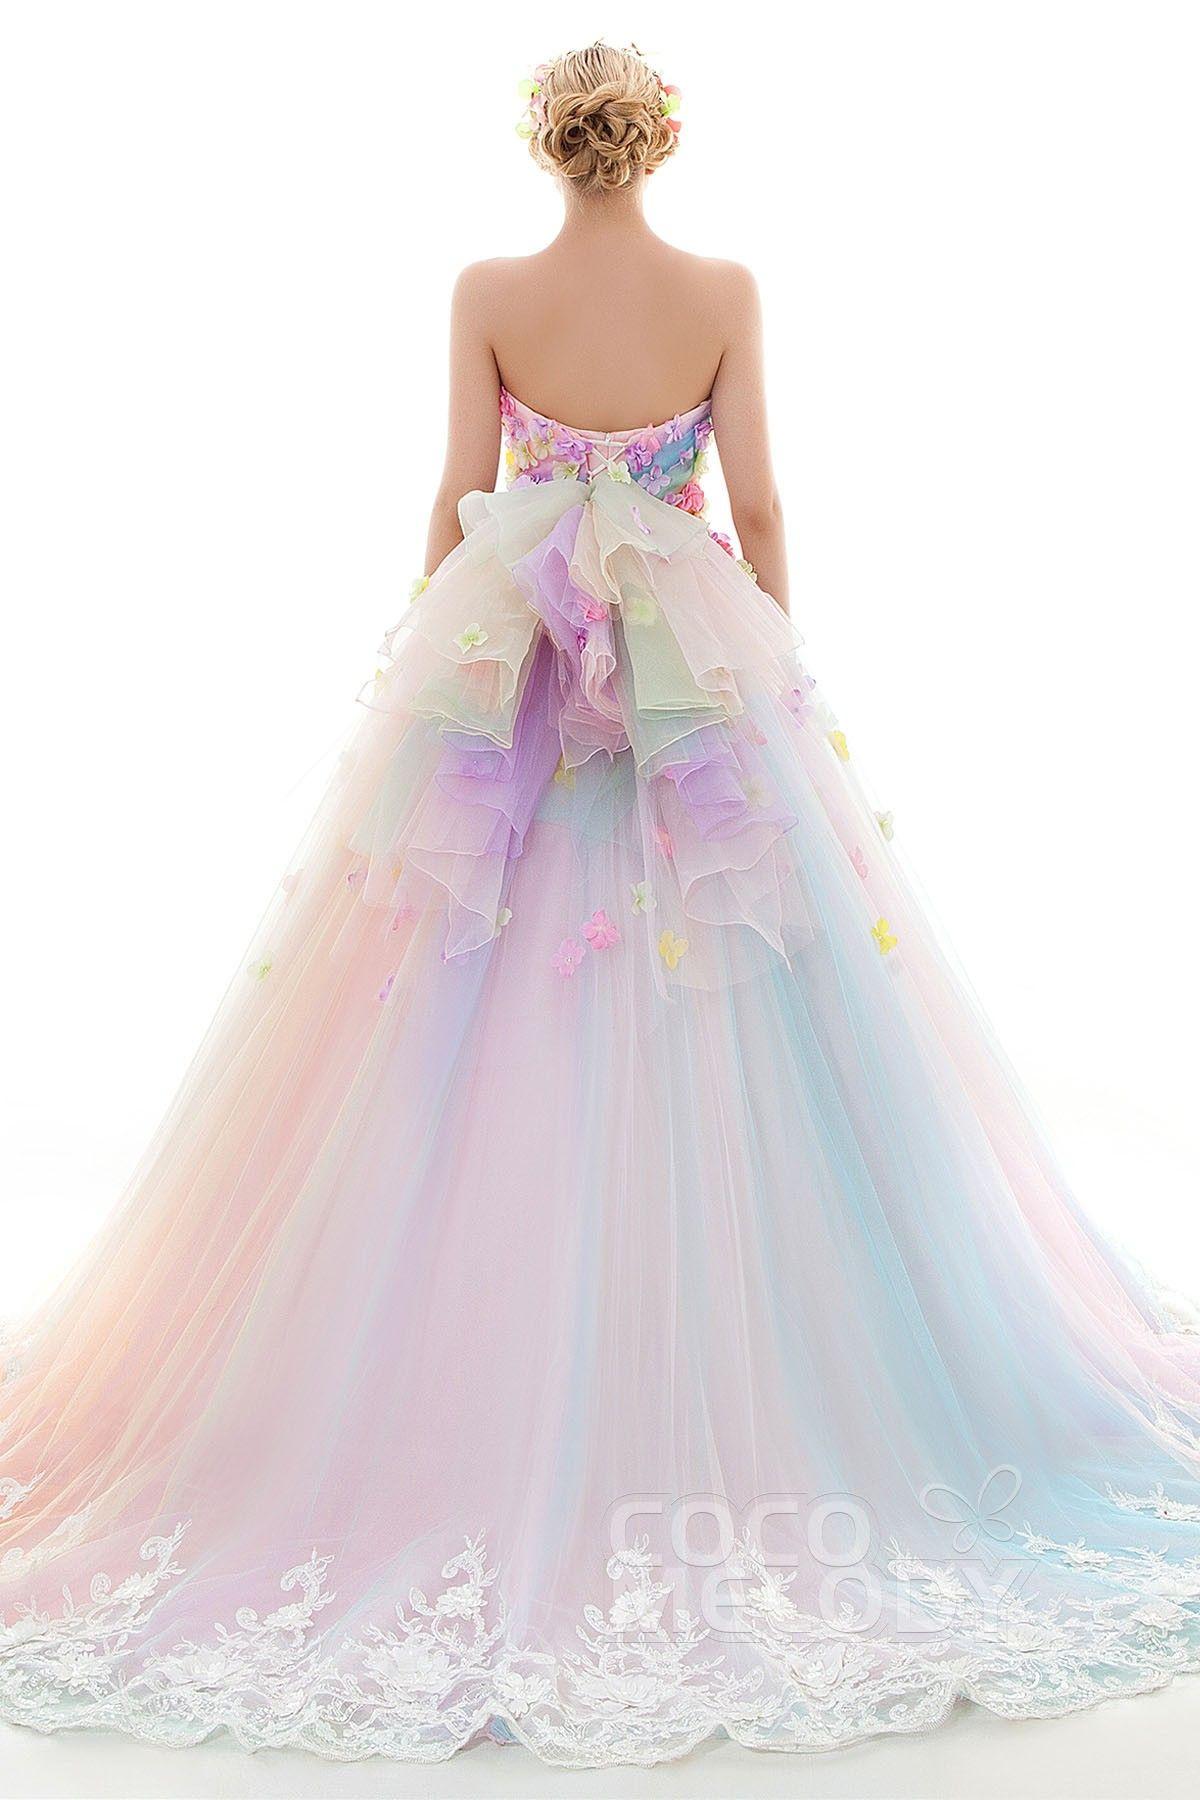 レインボーカラードレス プリンセス パッスル付き カラフルドレス リボン